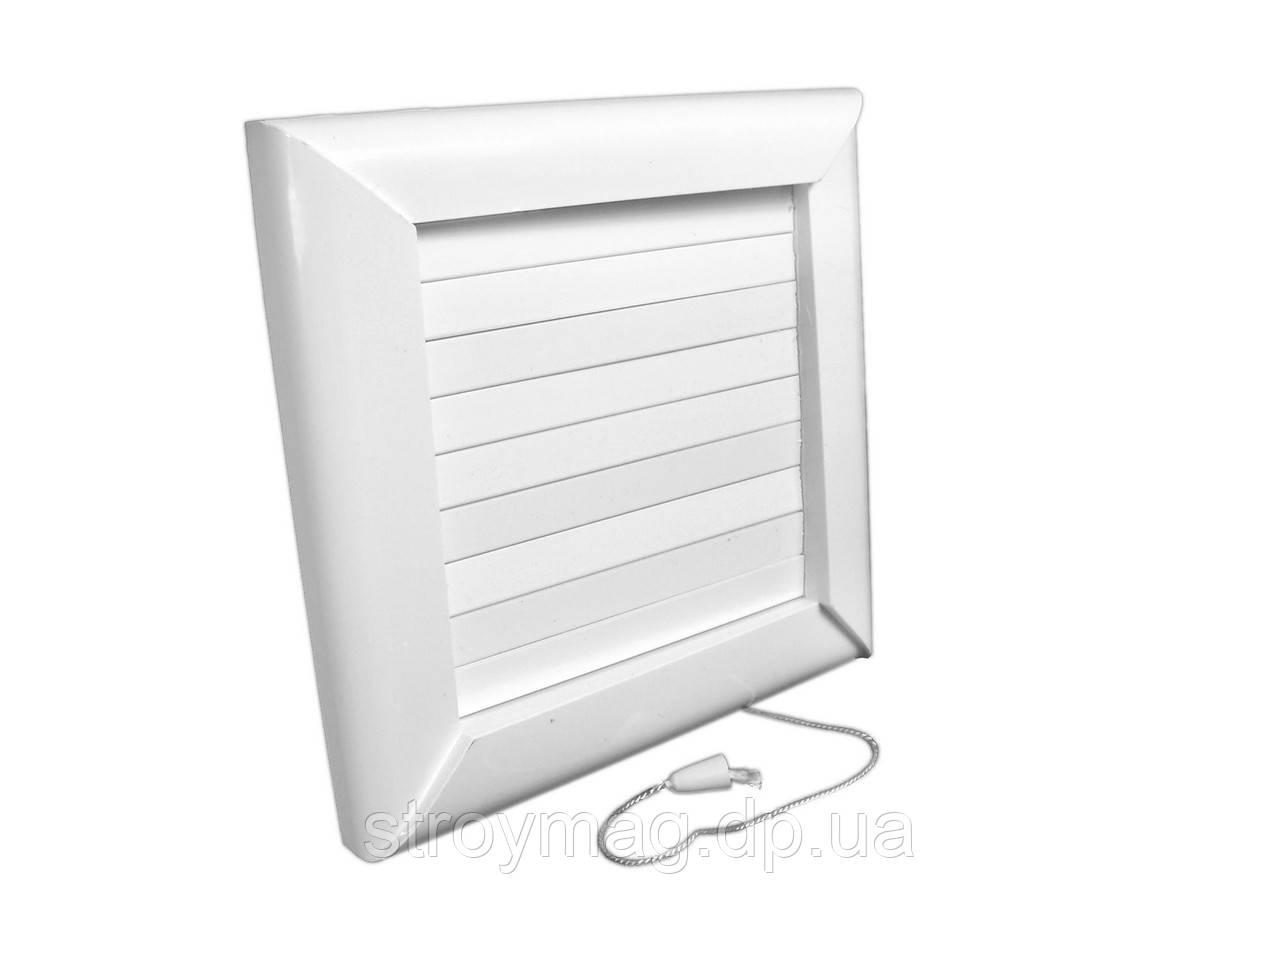 Решетка вентиляционная Dospel NKM 100 (007-1740)